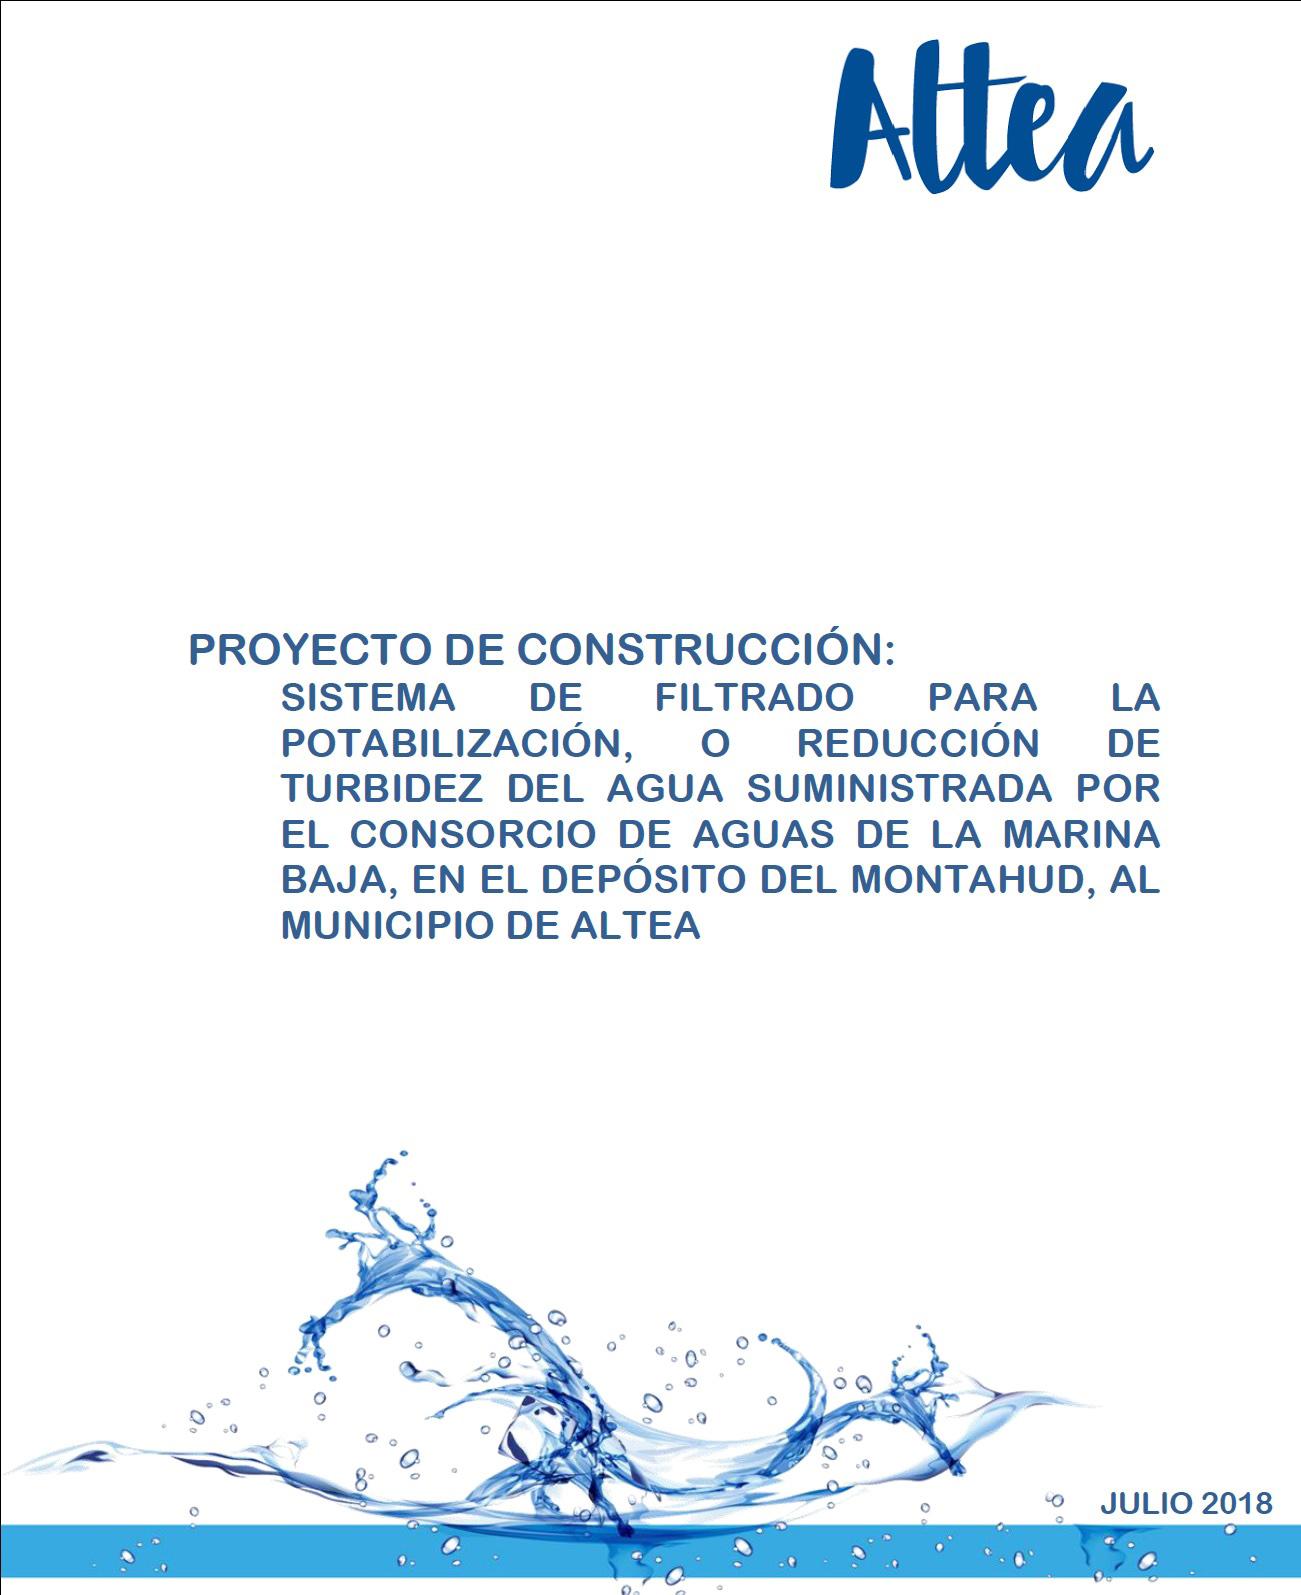 L'edil de Cicle Hídric, Roque Ferrer, respon a les acusacions del PP i informa de les actuacions en qüestió del proveïment de l'aigua a Altea